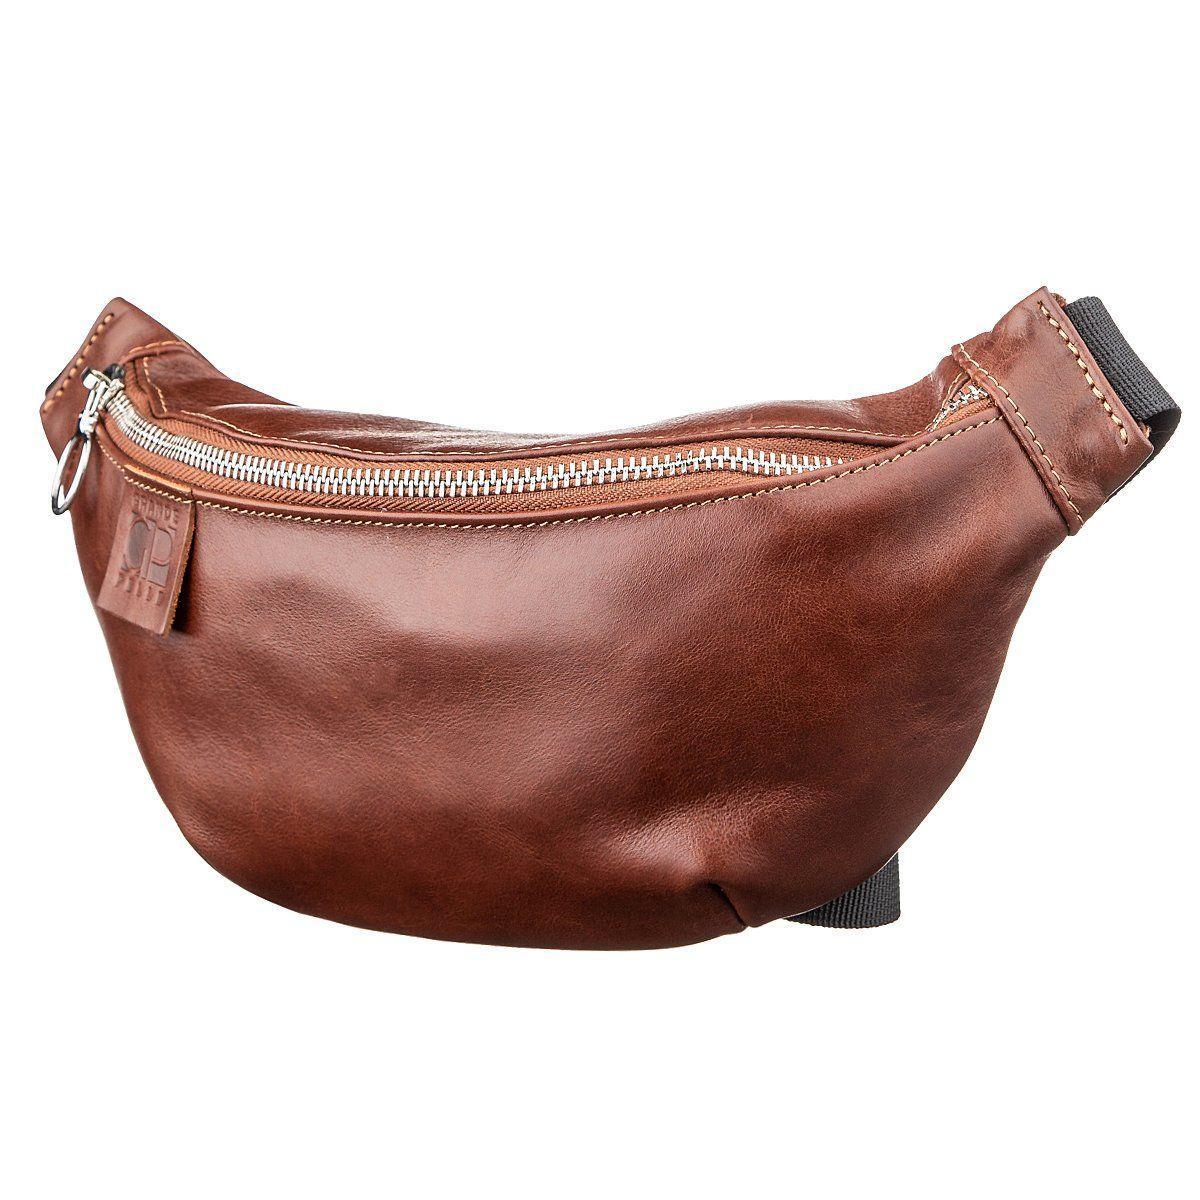 Поясная сумка GRANDE PELLE 11141 коричневая, Коричневый